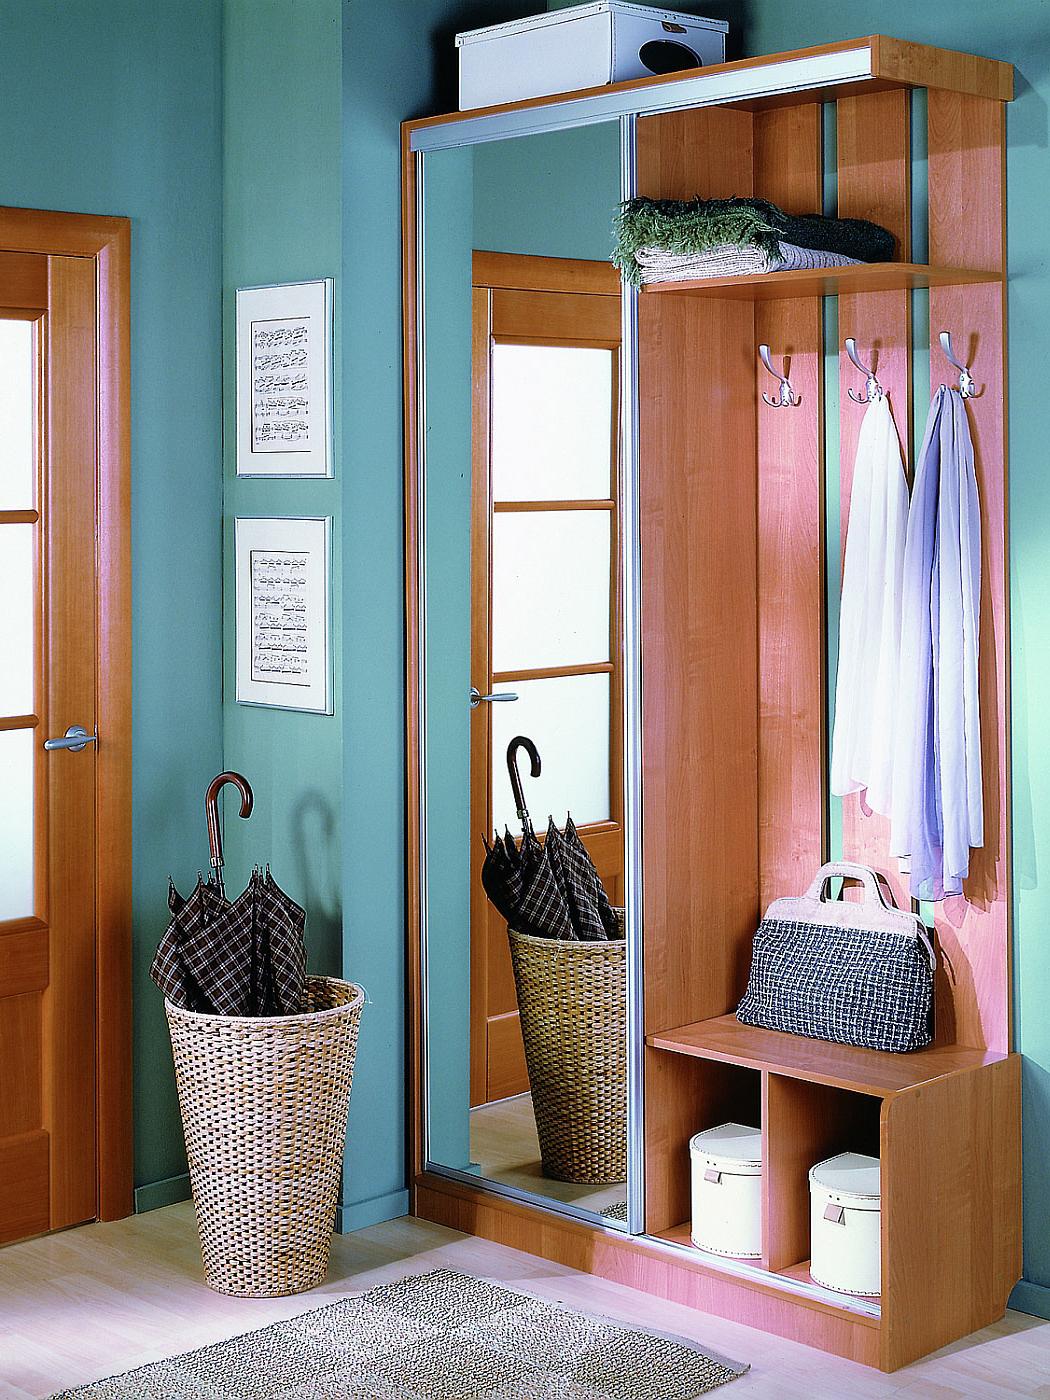 красивый стиль проходной комнаты с маленьким коридором